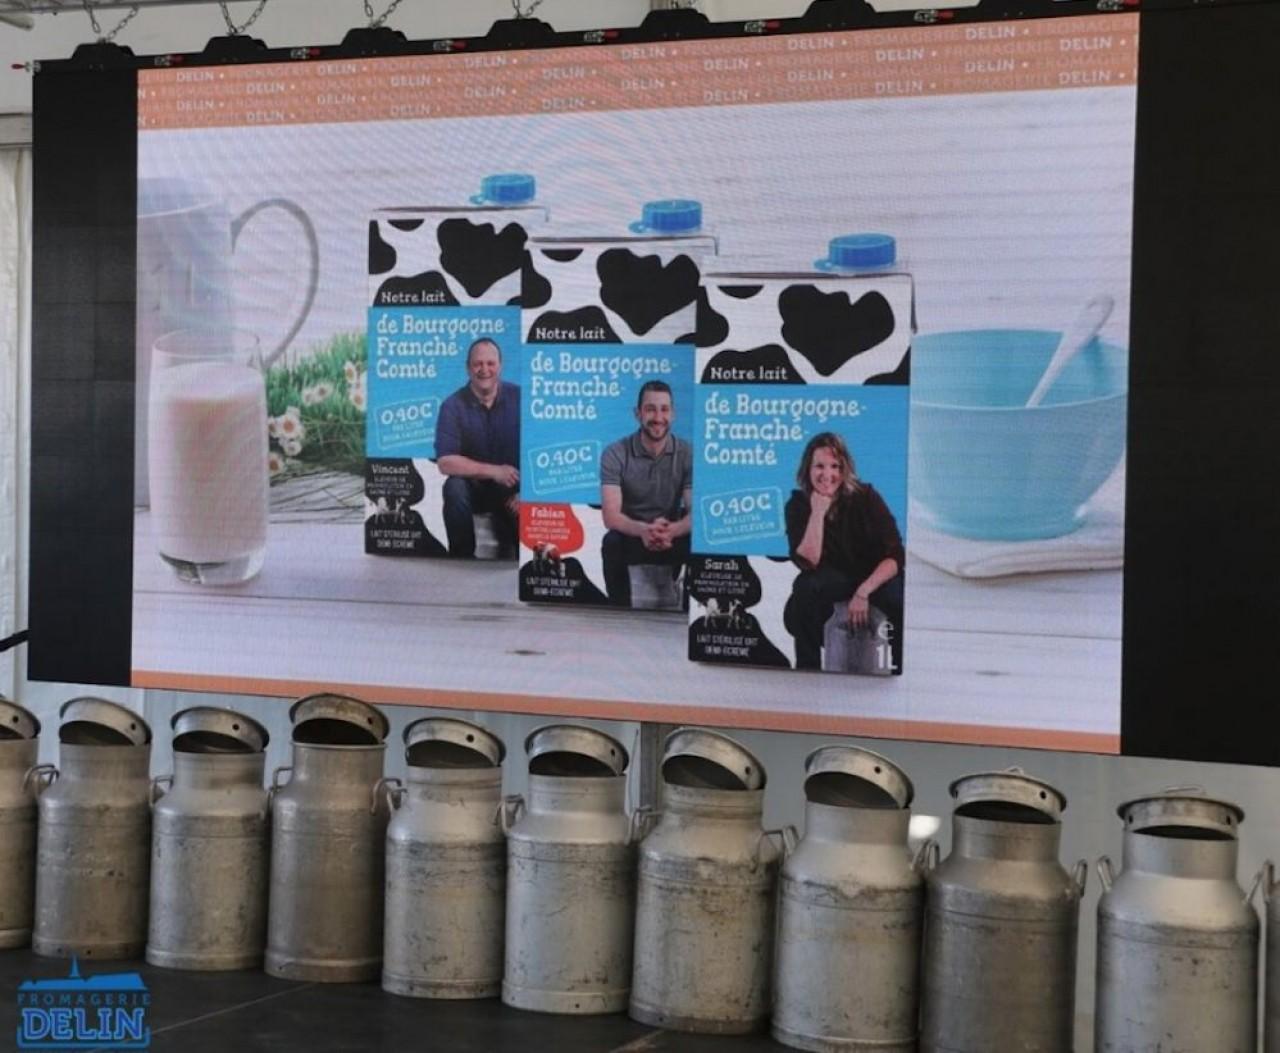 Pendant le confinement, la Fromagerie Delin avait augmenté les volumes de lait UHT pour compenser la perte de ses ventes de ses fromages dans la restauration. ©Delin